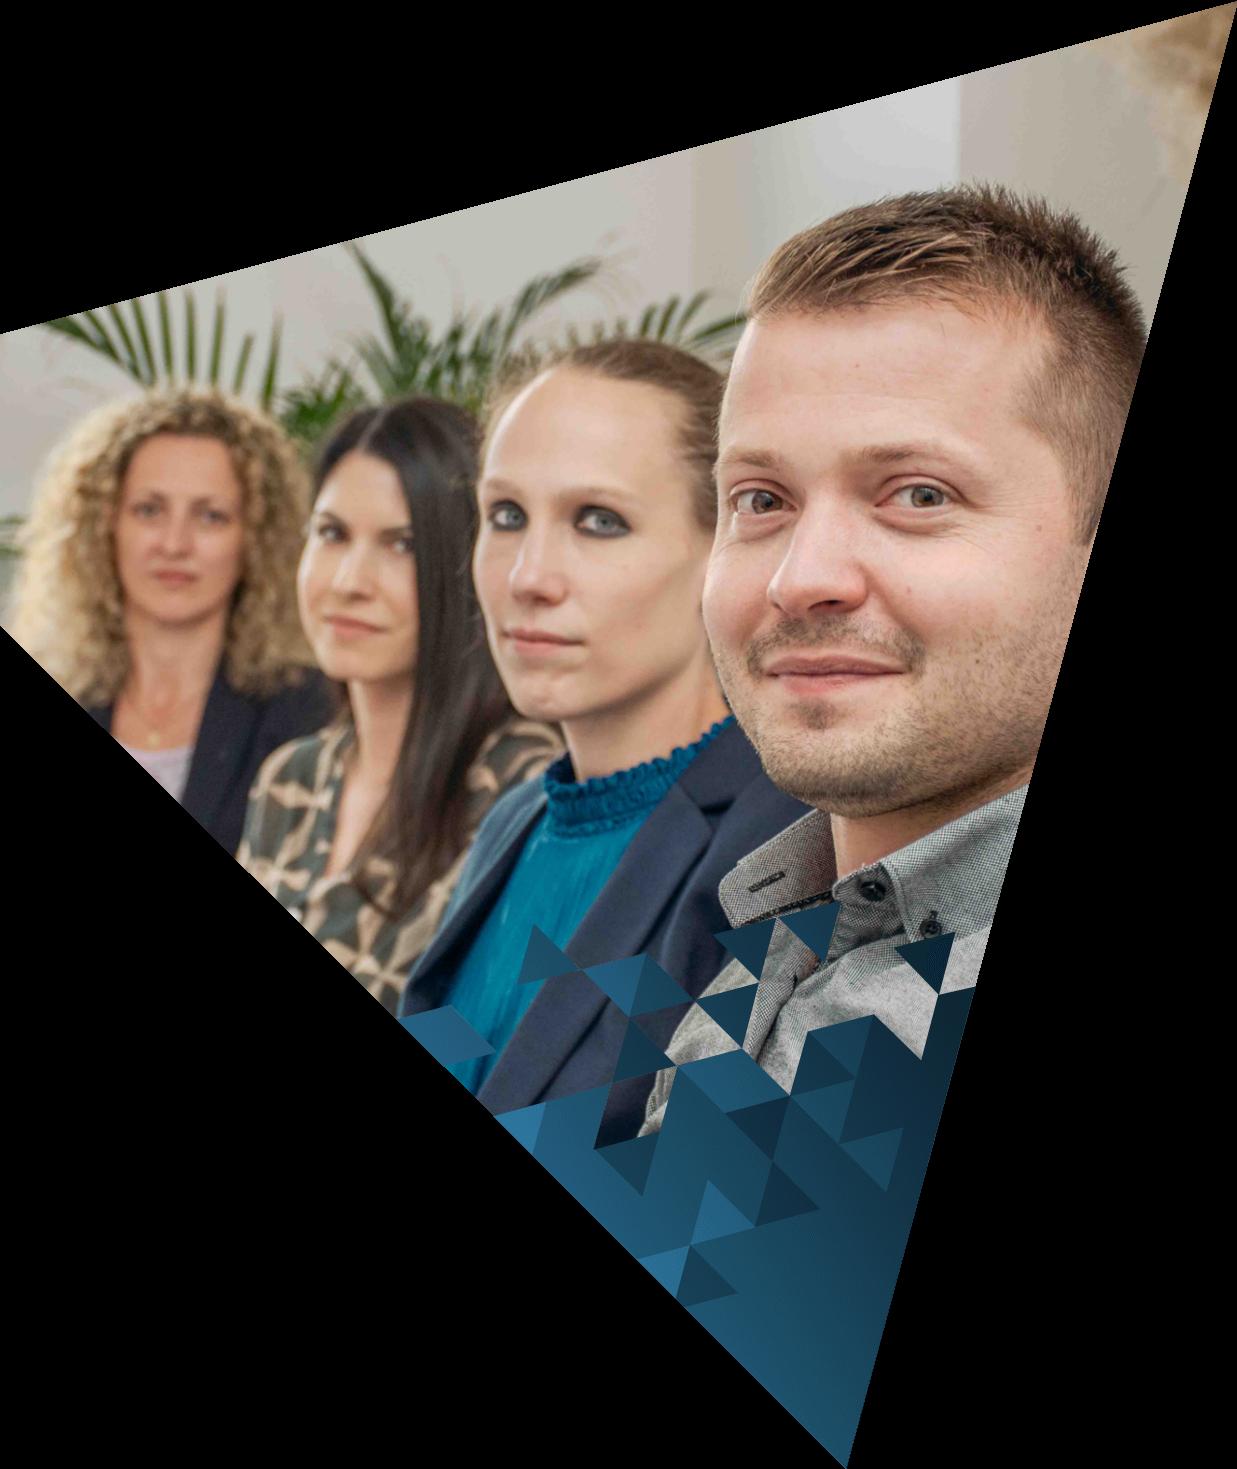 Fiscalis - računovodstveni servis knjigovodstvo zagreb savjetovanje vođenje knjiga-Fiscalis Zagreb - ekipa